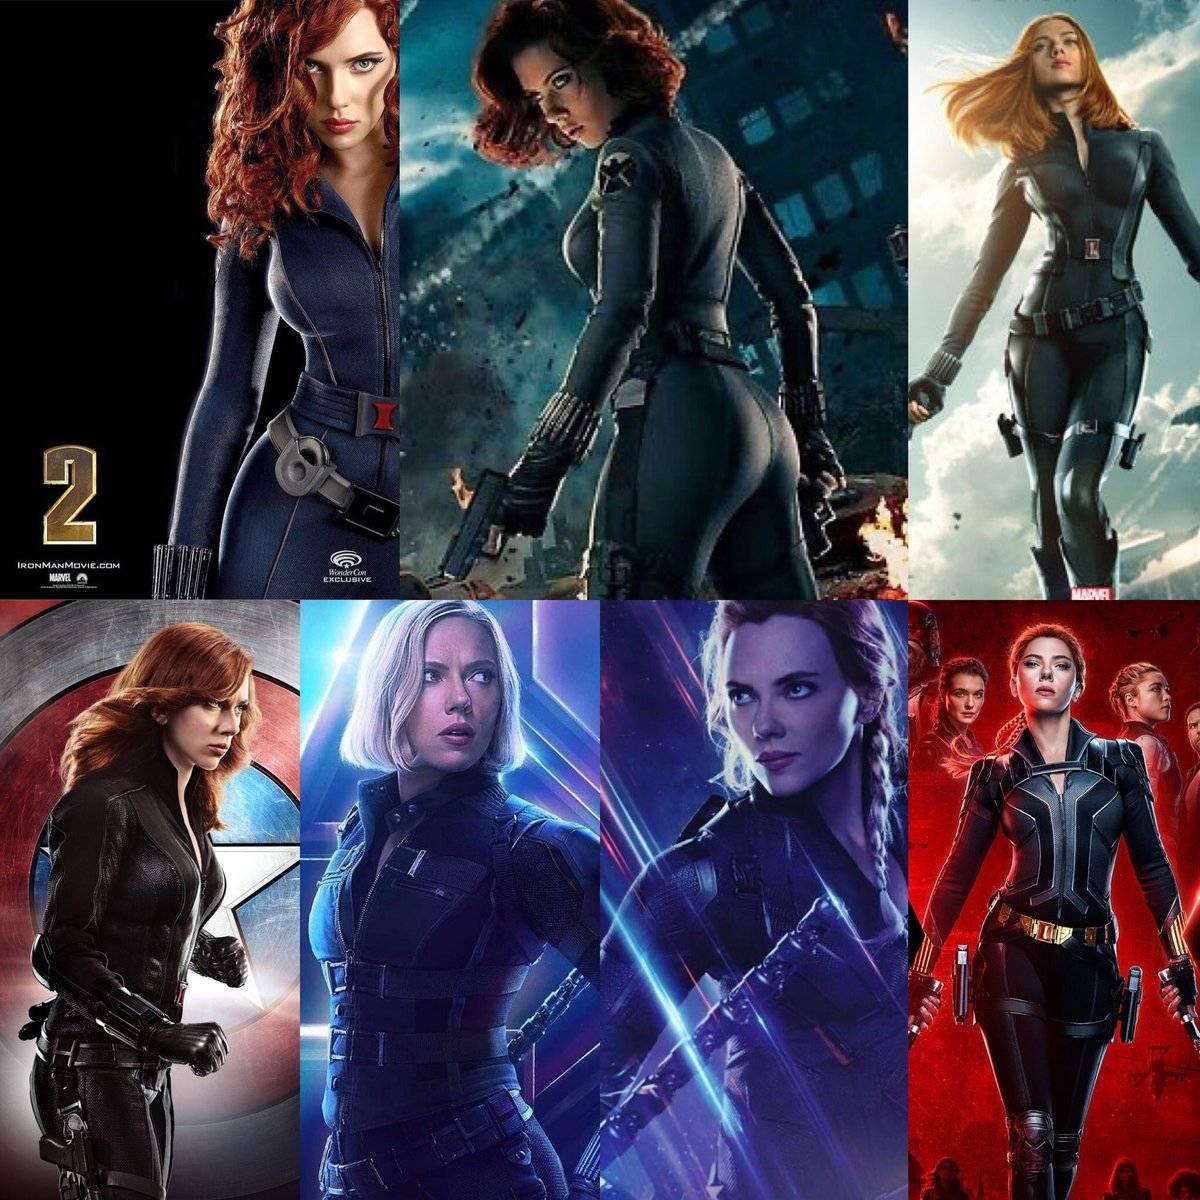 Reseña: Black Widow, el emocionante inicio de la Fase 4 de Marvel 1